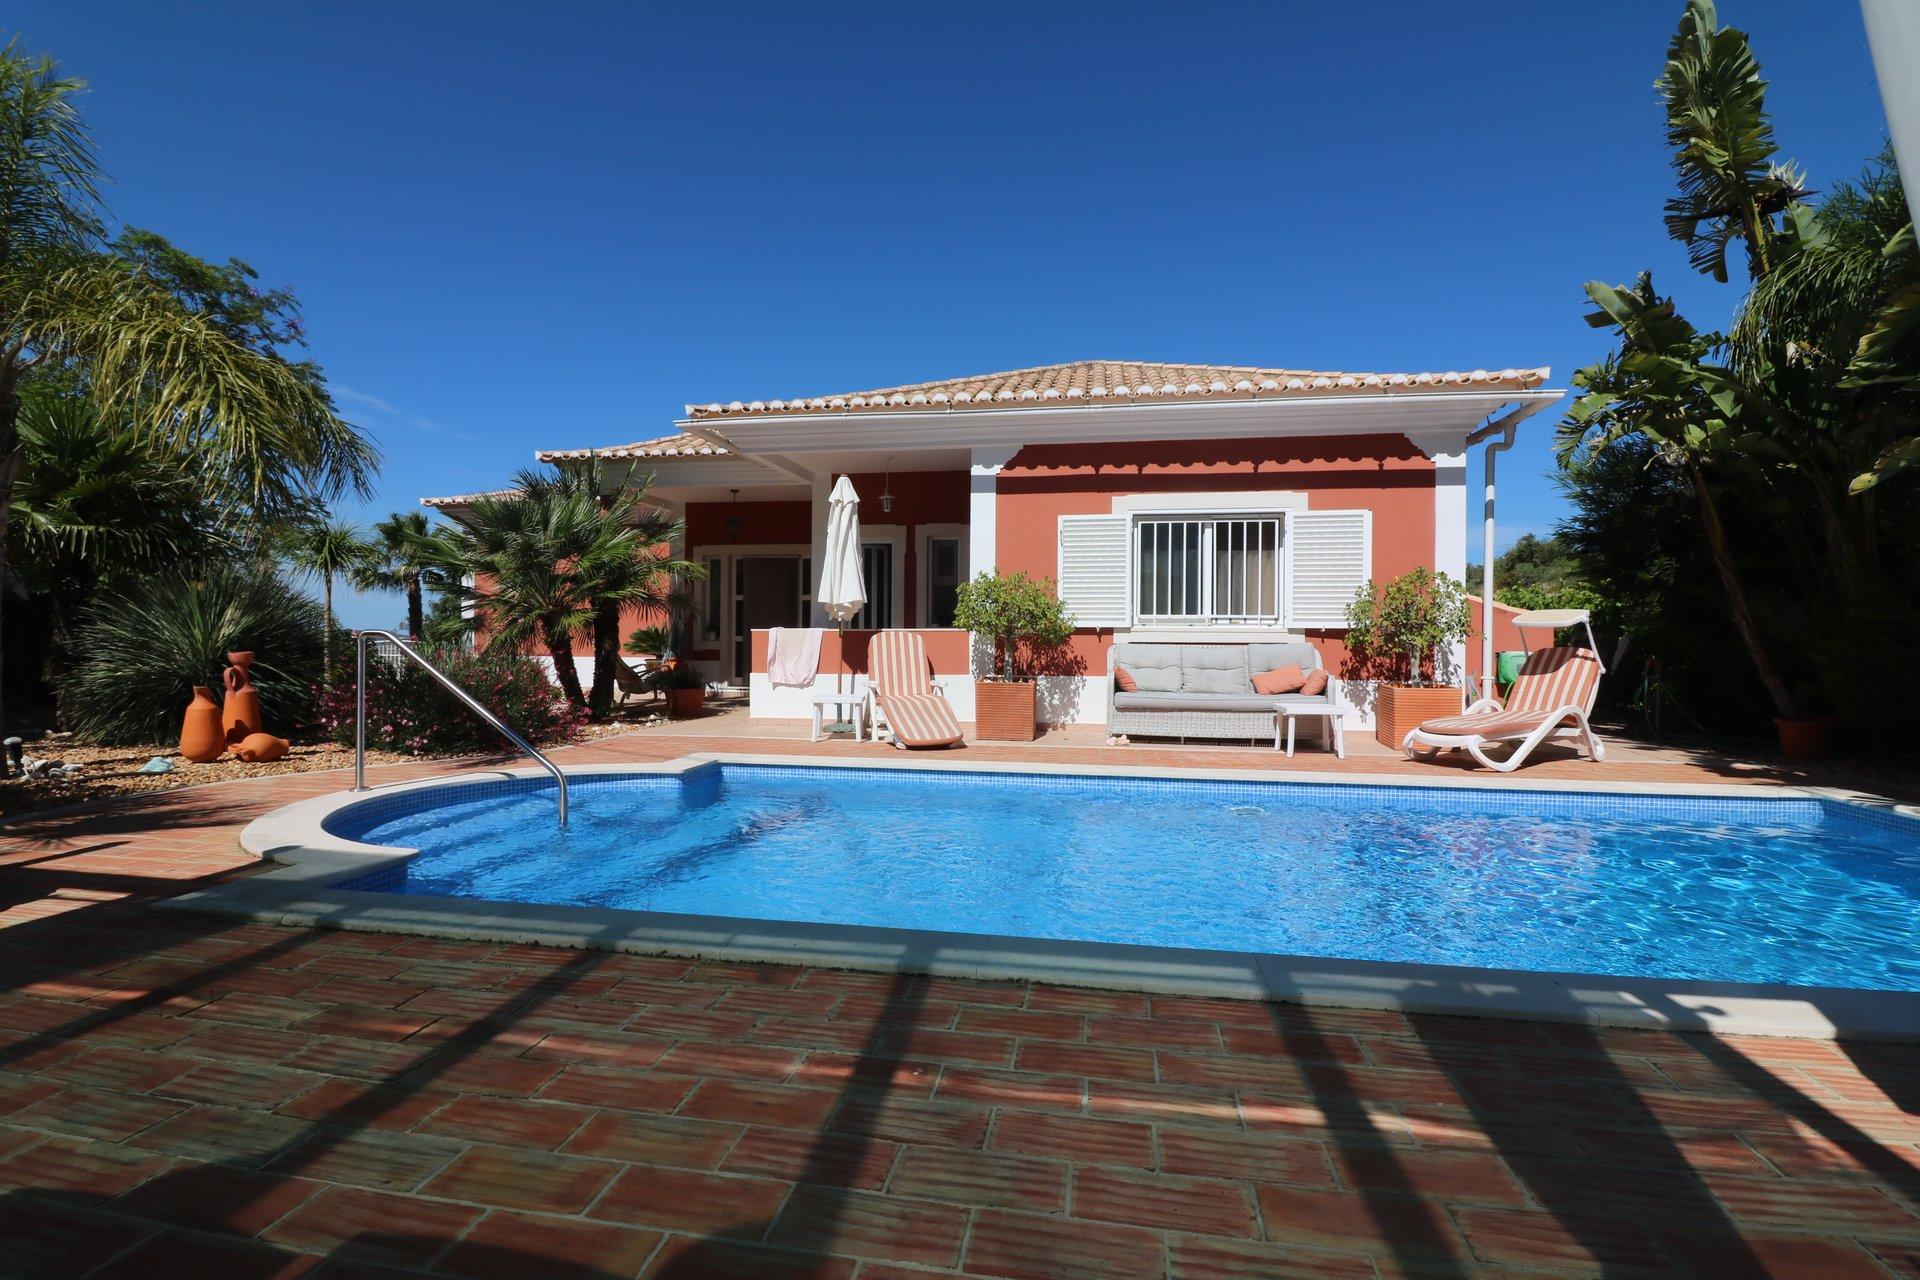 3 Bedroom Villa Sao Bras de Alportel, Central Algarve Ref: JV10357